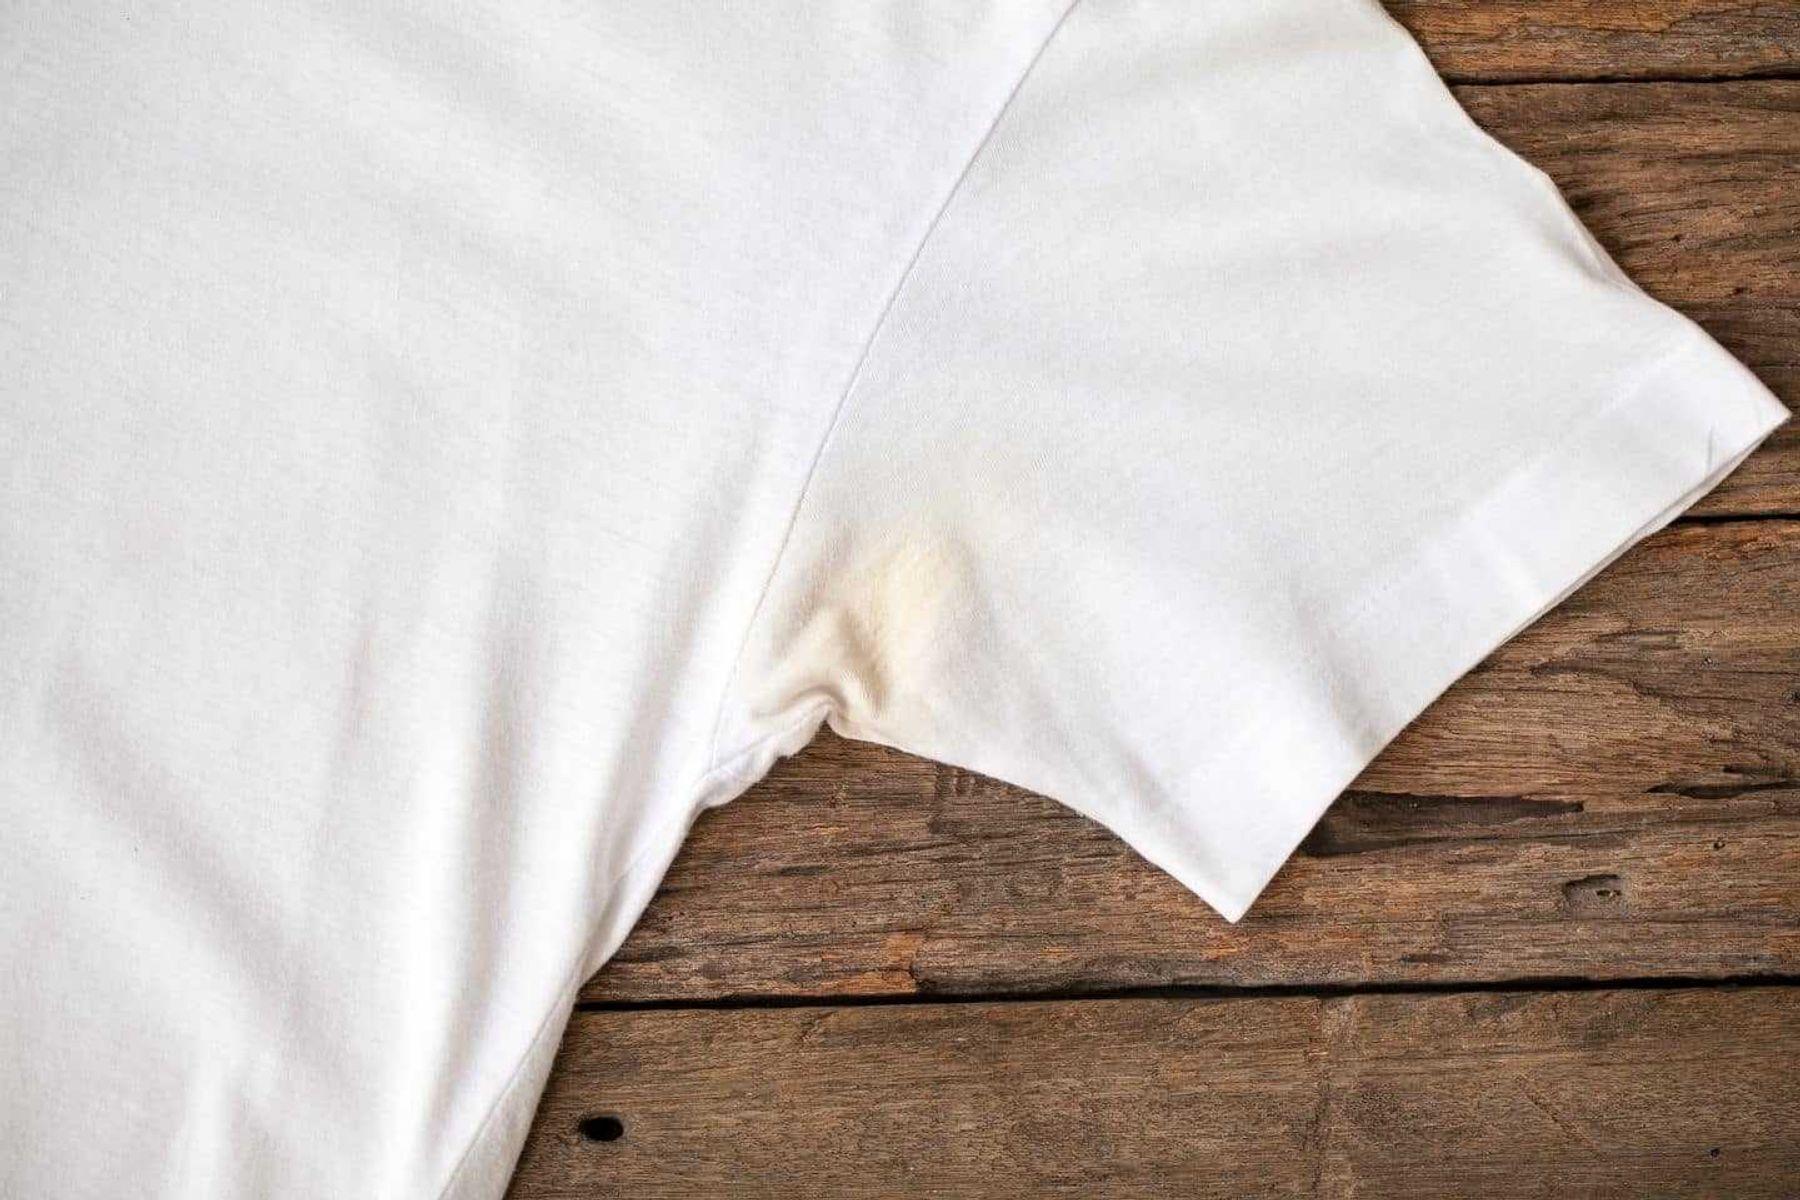 7# Cách Tẩy Áo Trắng Bị Ố Vàng Lâu Ngày Đơn Giản, Sạch Như Mới